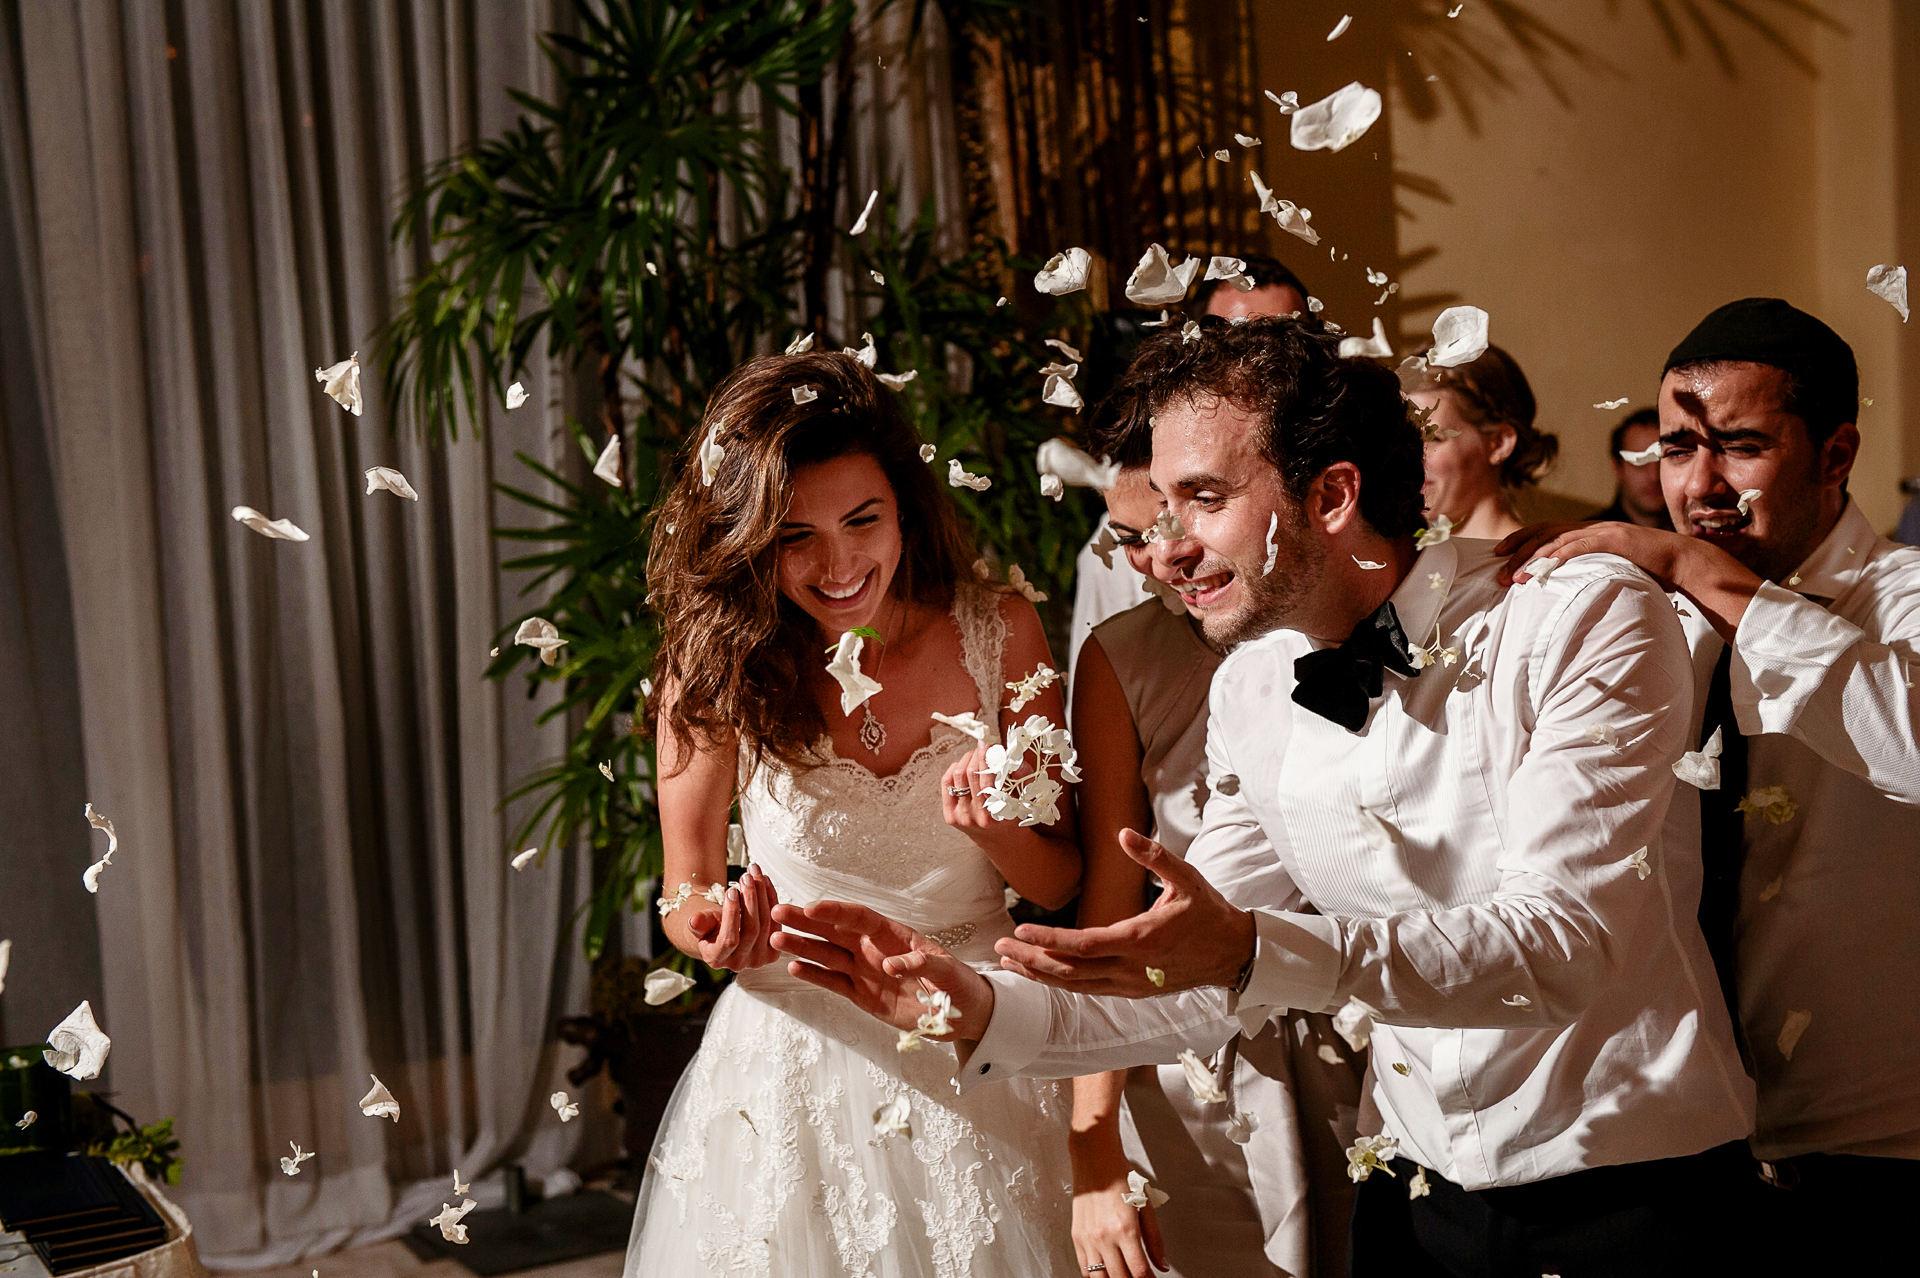 洛杉矶婚礼 Riviera Country Club Pacific Palisades wedding